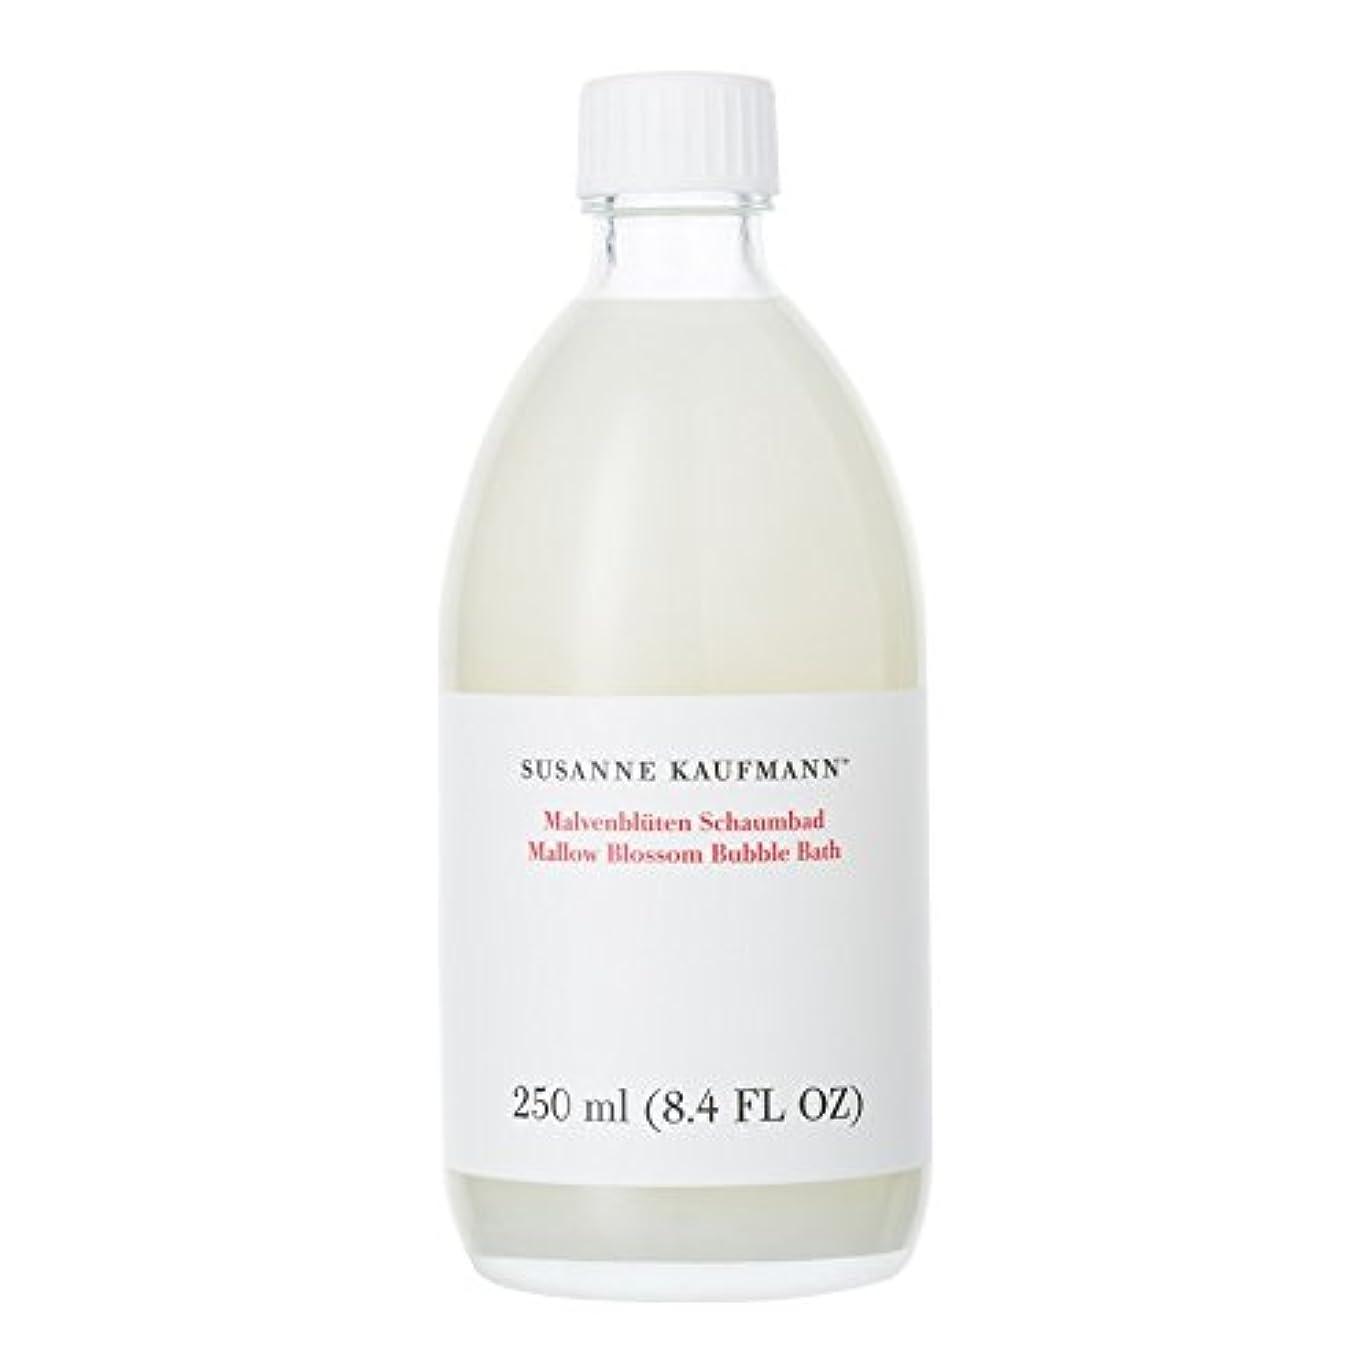 日没クック仮説Susanne Kaufmann Mallow Blossom Bath 250ml - スザンヌカウフマンアオイ花バス250ミリリットル [並行輸入品]